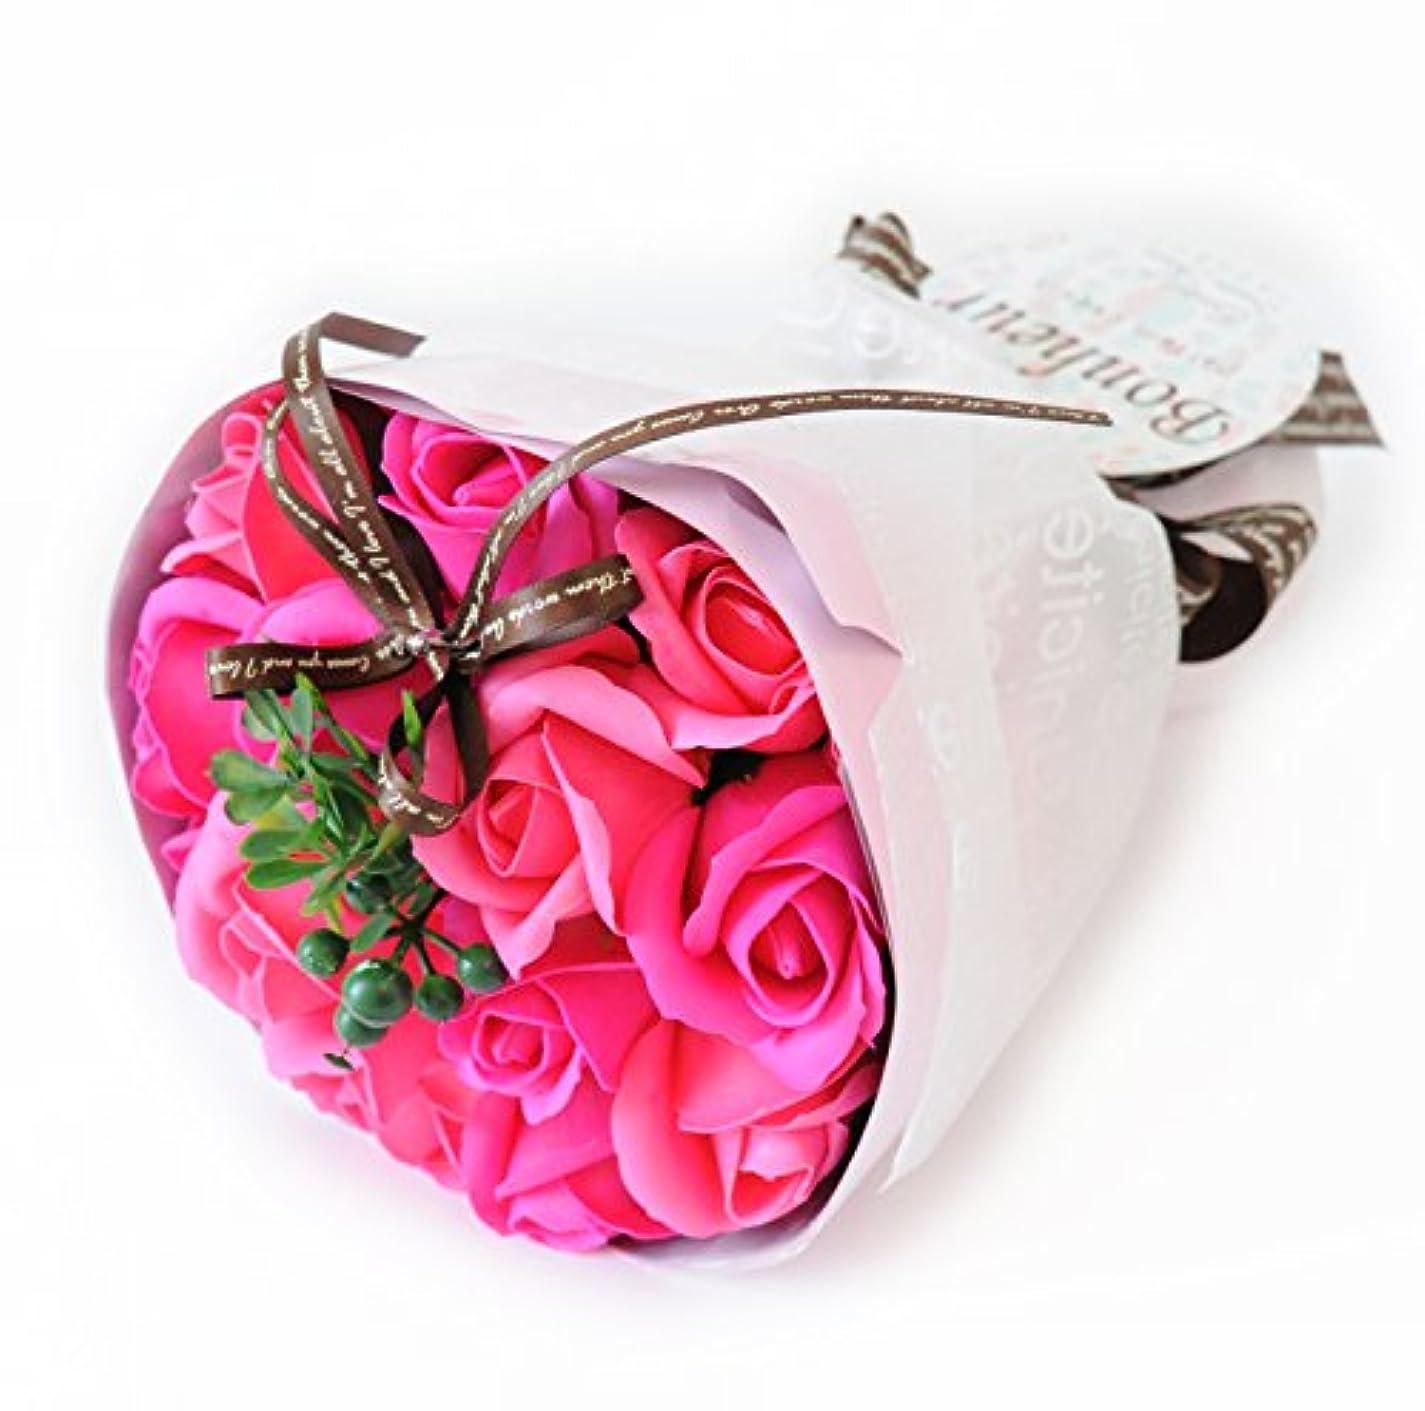 知らせる人工ミンチフラワーマーケット花由 ソープフラワー アロマローズブーケ ビューティー シャボンフラワー フラワーソープ